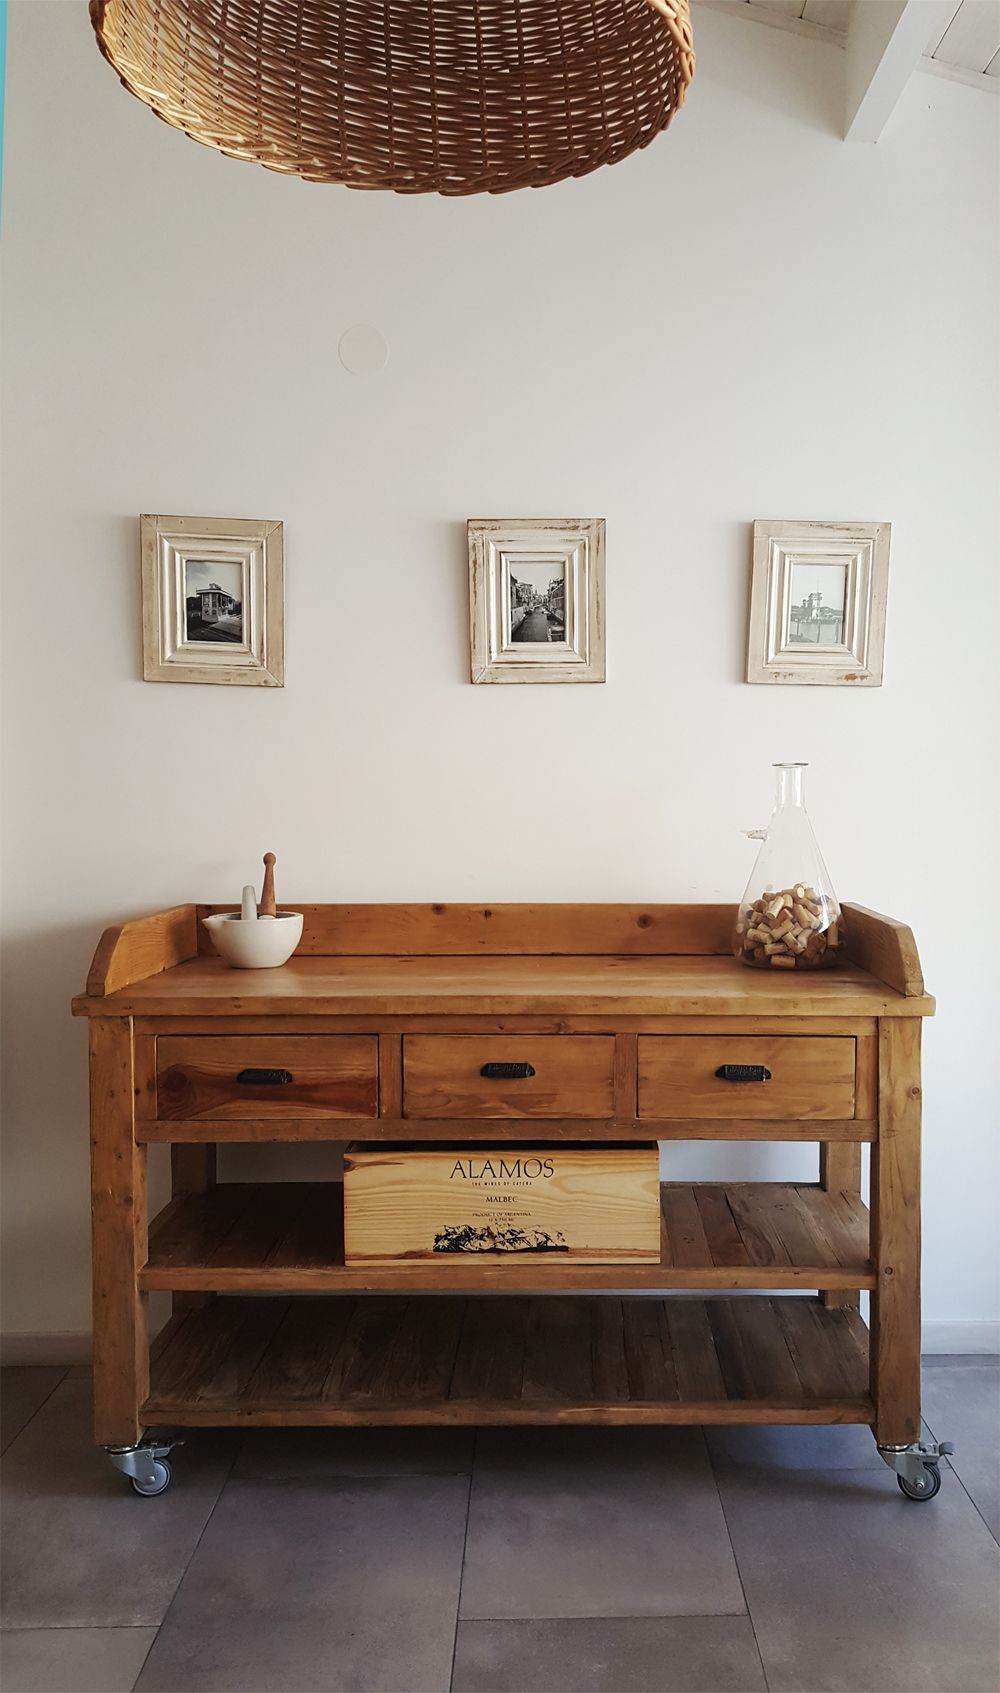 Muebles Por Cuotas - Muebles De Madera Hechos A Mano Al Mejor Precio En Cuotas Y Con [mjhdah]http://www.sbfairandexpo.com/wp-content/uploads/2018/01/carrefour-jardin-new-sofas-muebles-jardan-2016-carrefour-of-carrefour-jardin.jpg